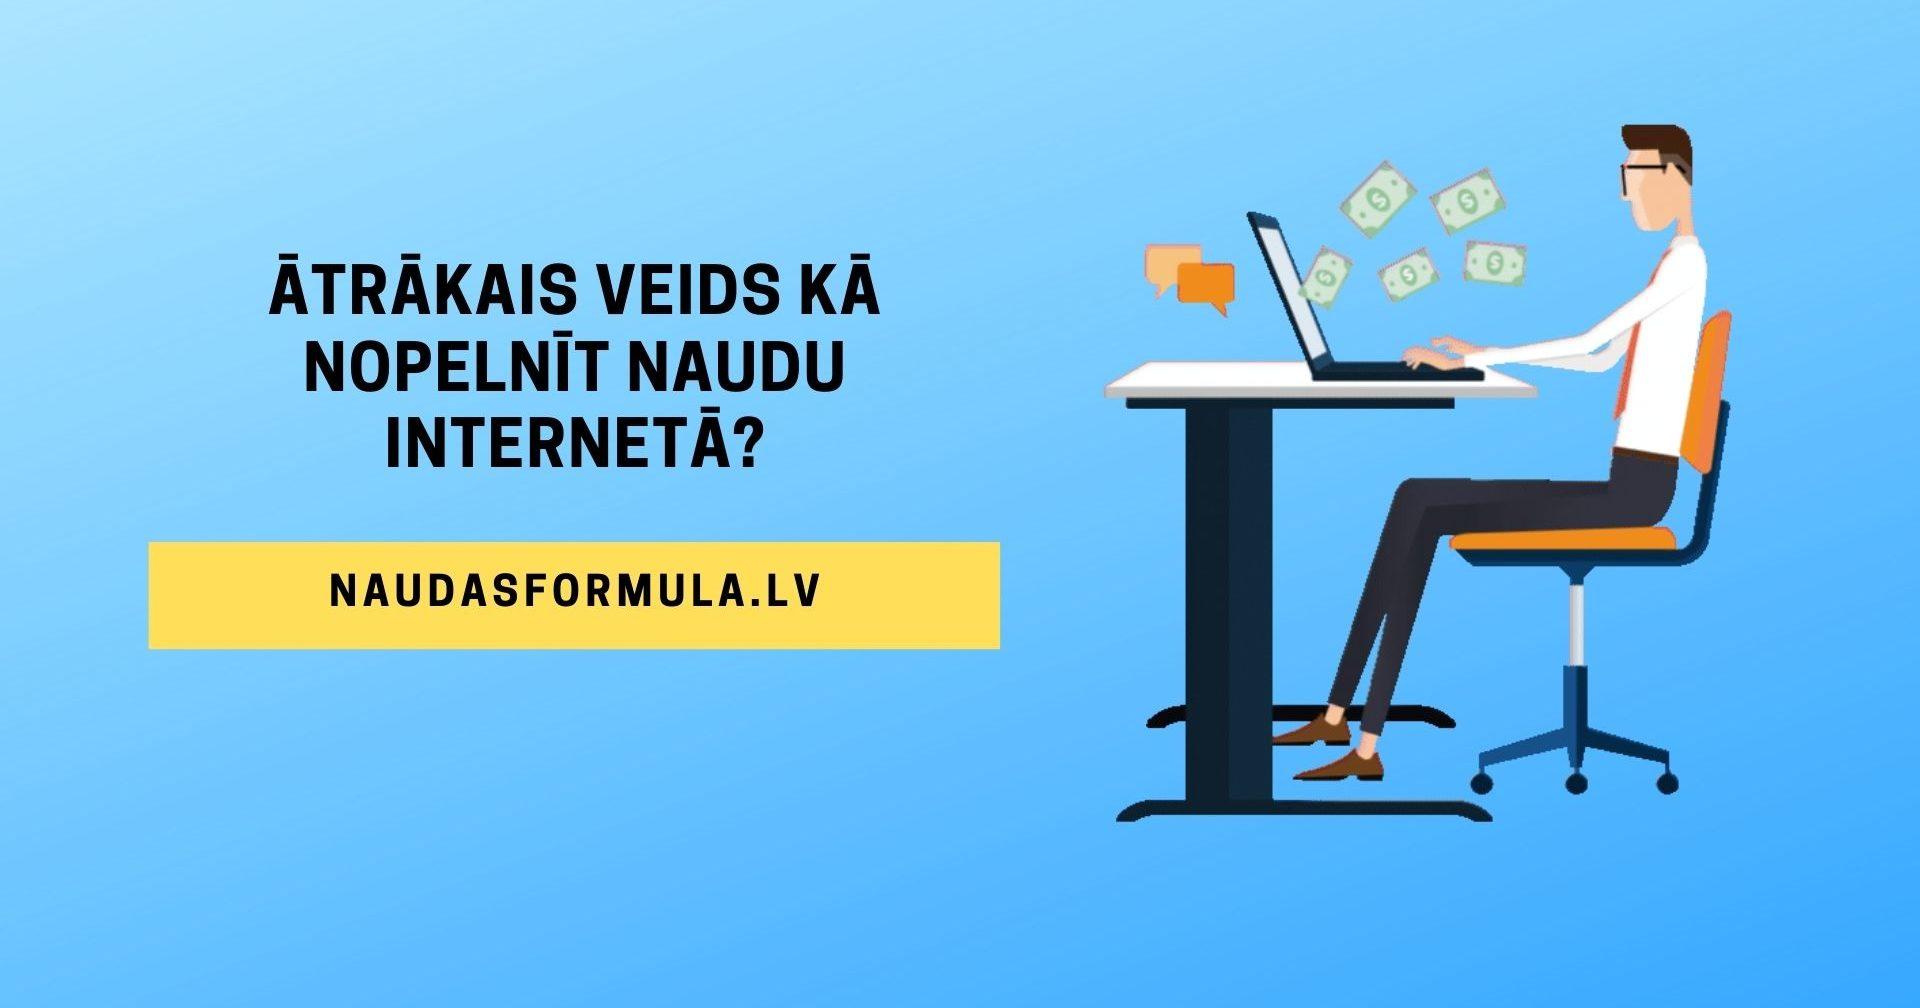 Viena kā 2 pelnīt naudu tiešsaistē Juridiskie studenti,